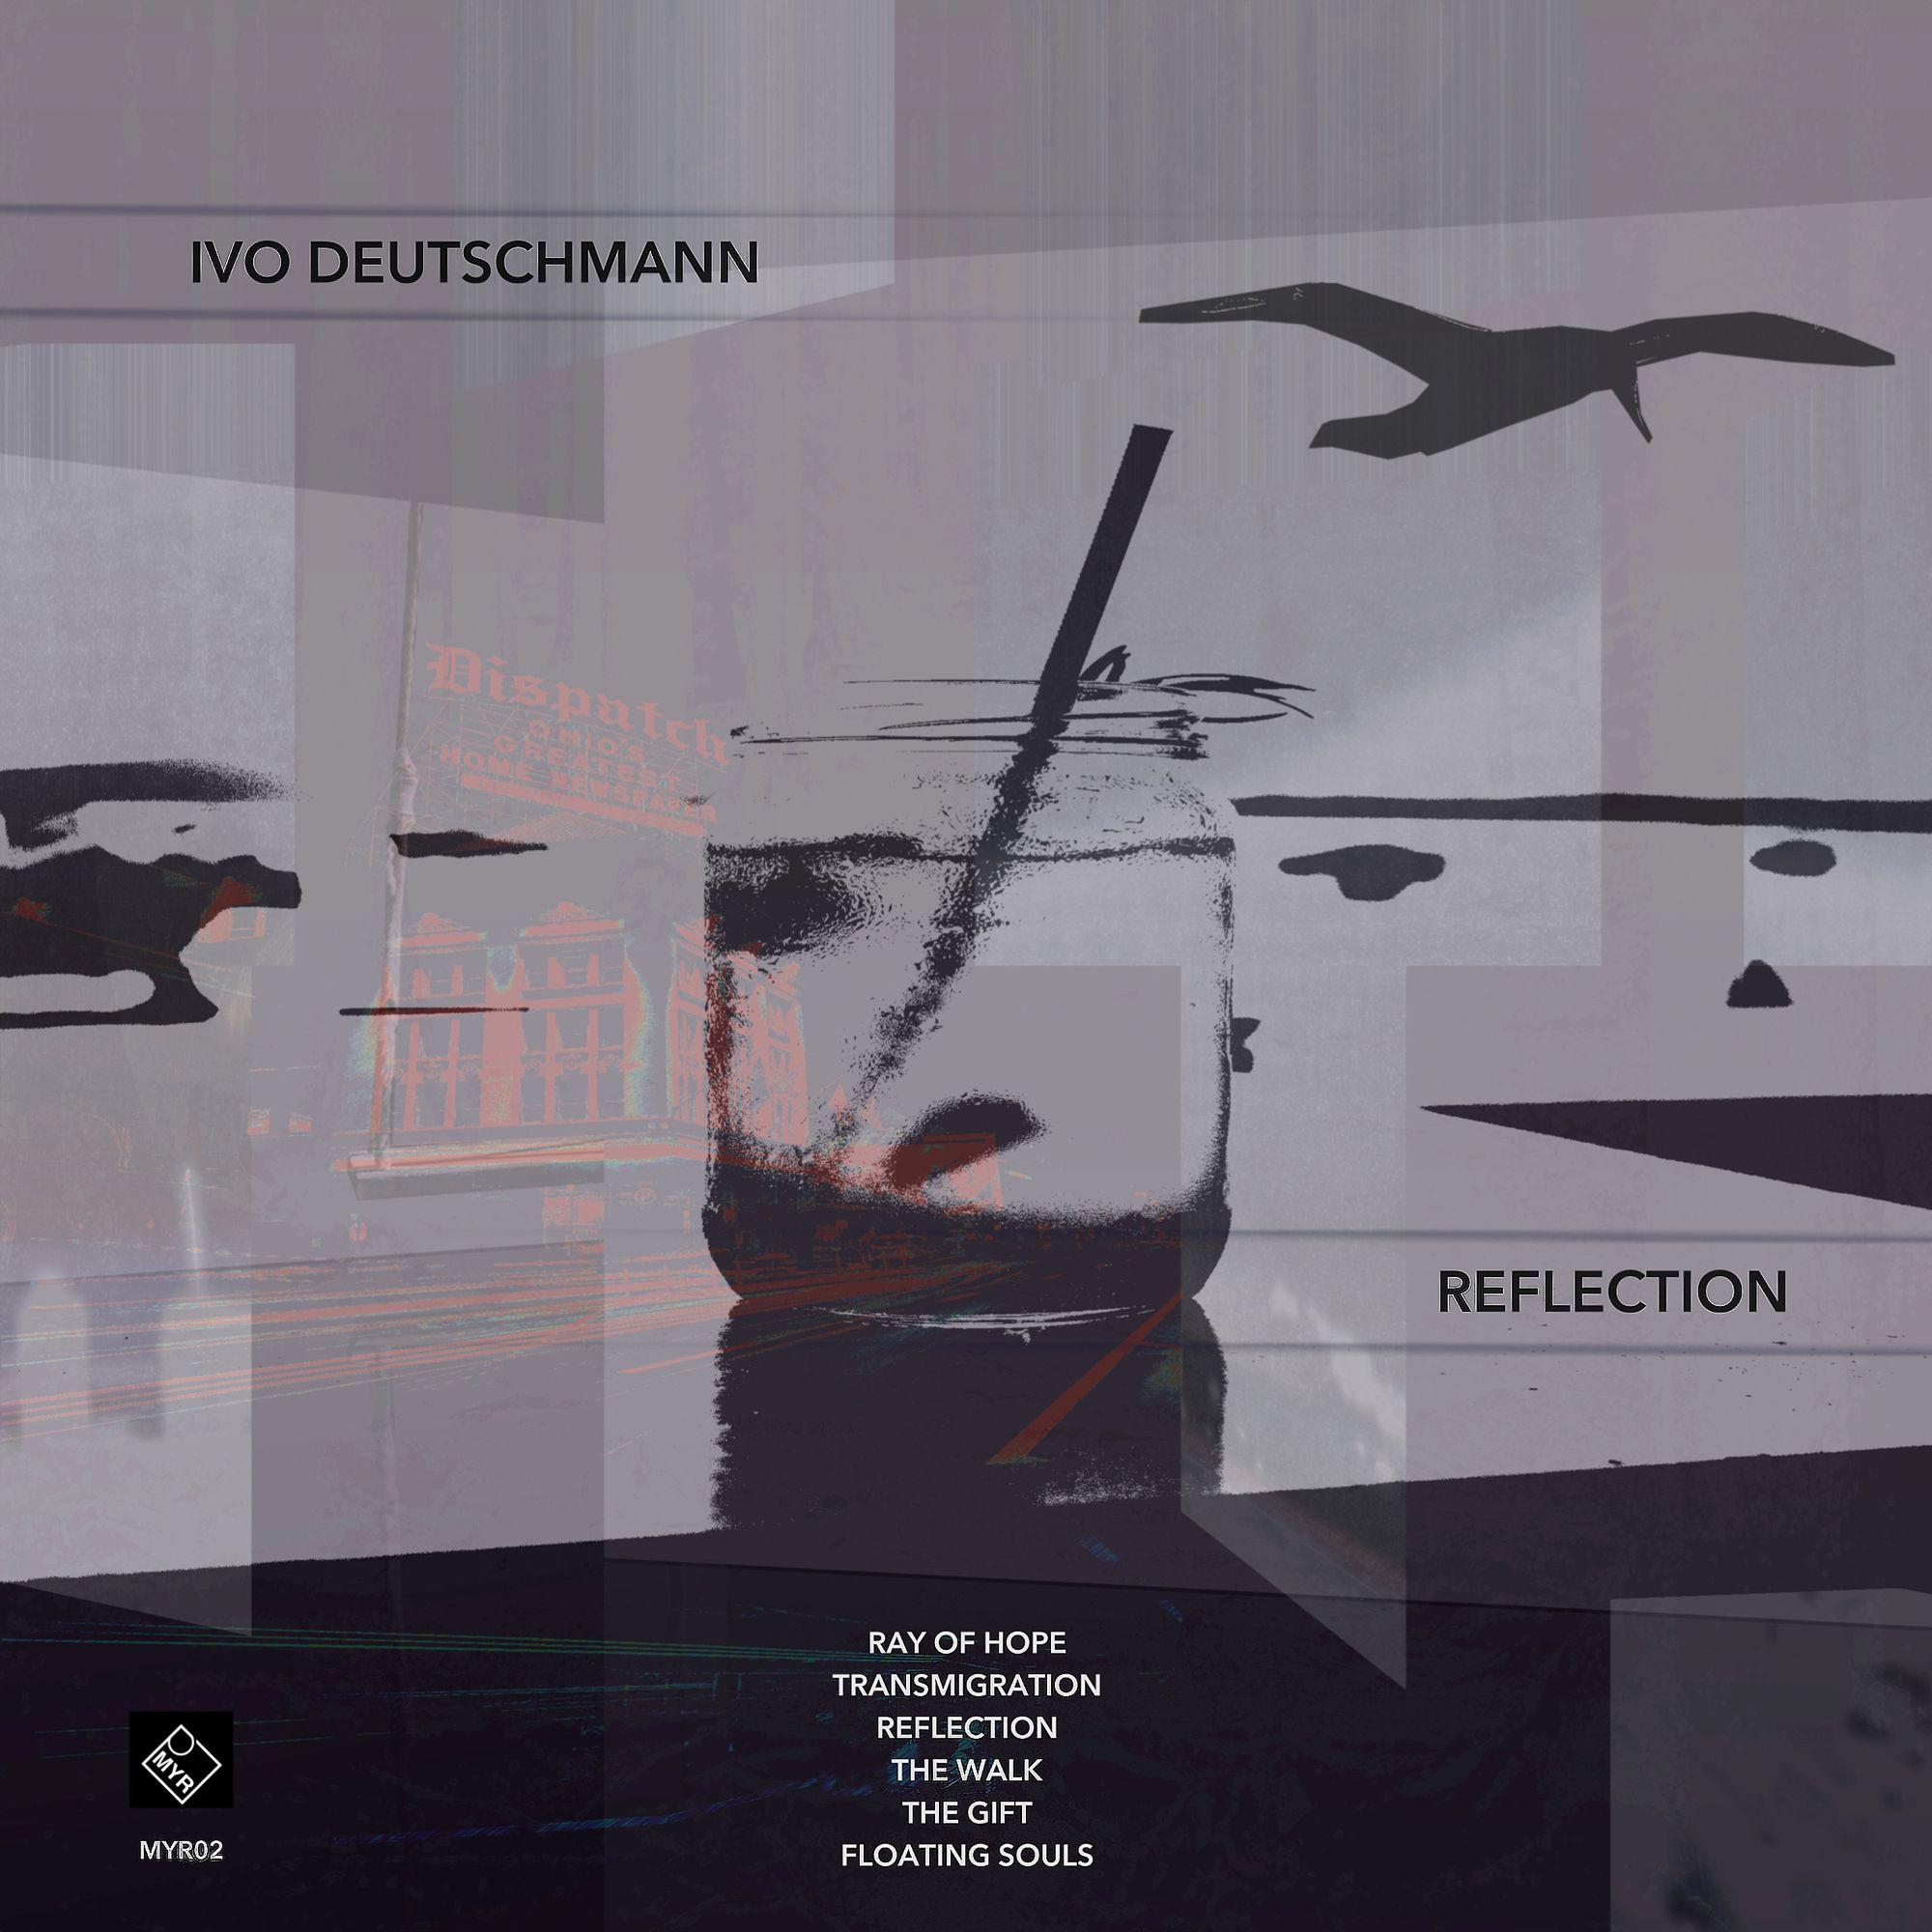 ivo_deutschmann_-_reflection_ep_-_cover_2000_.jpg